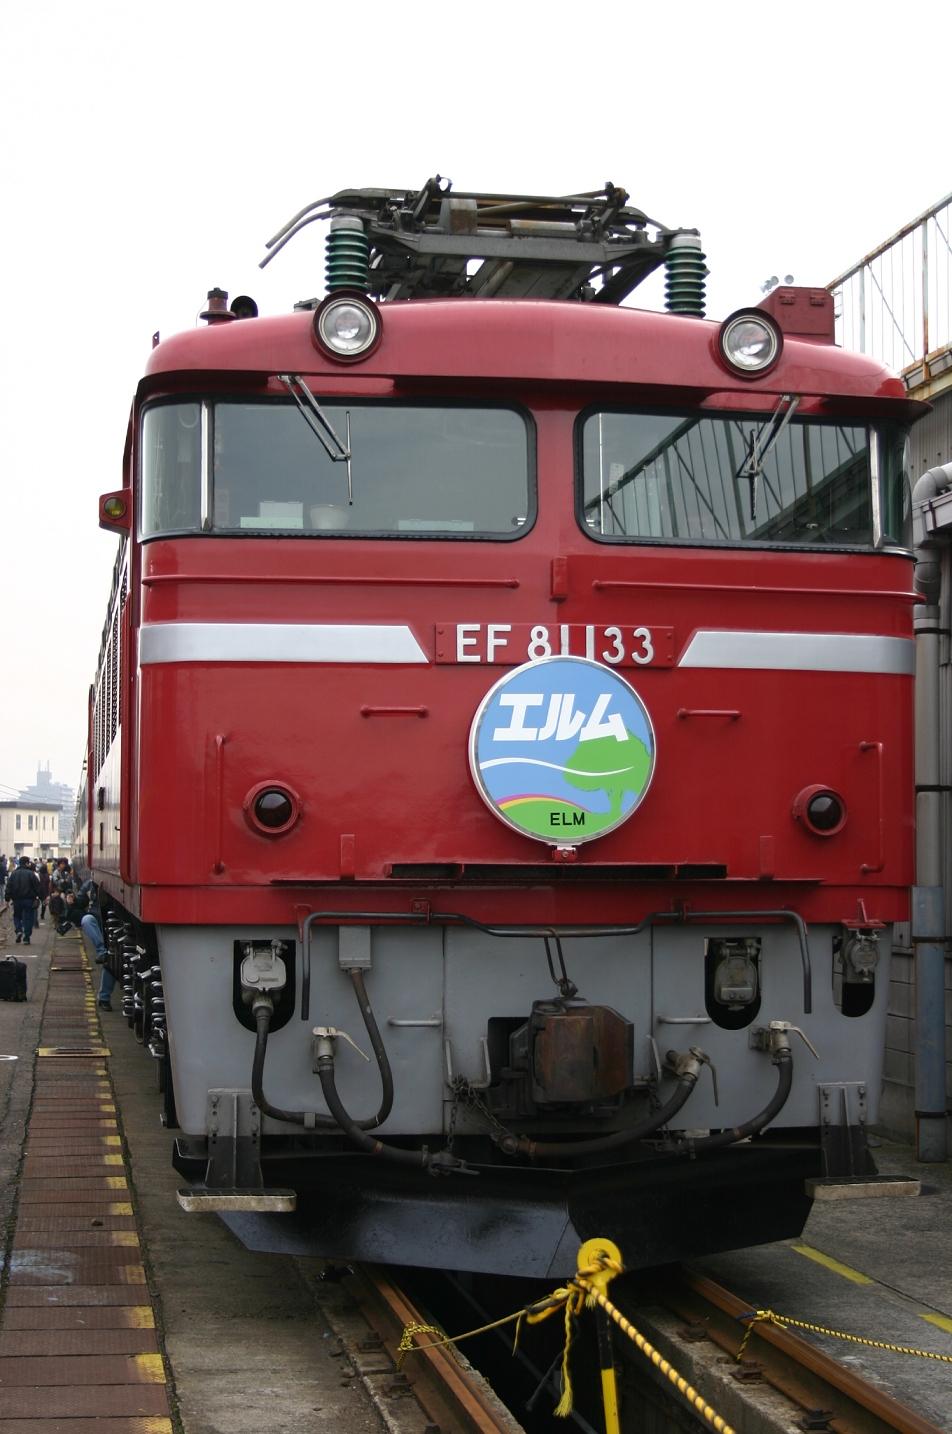 電気機関車であるエルム(EF81133)の写真